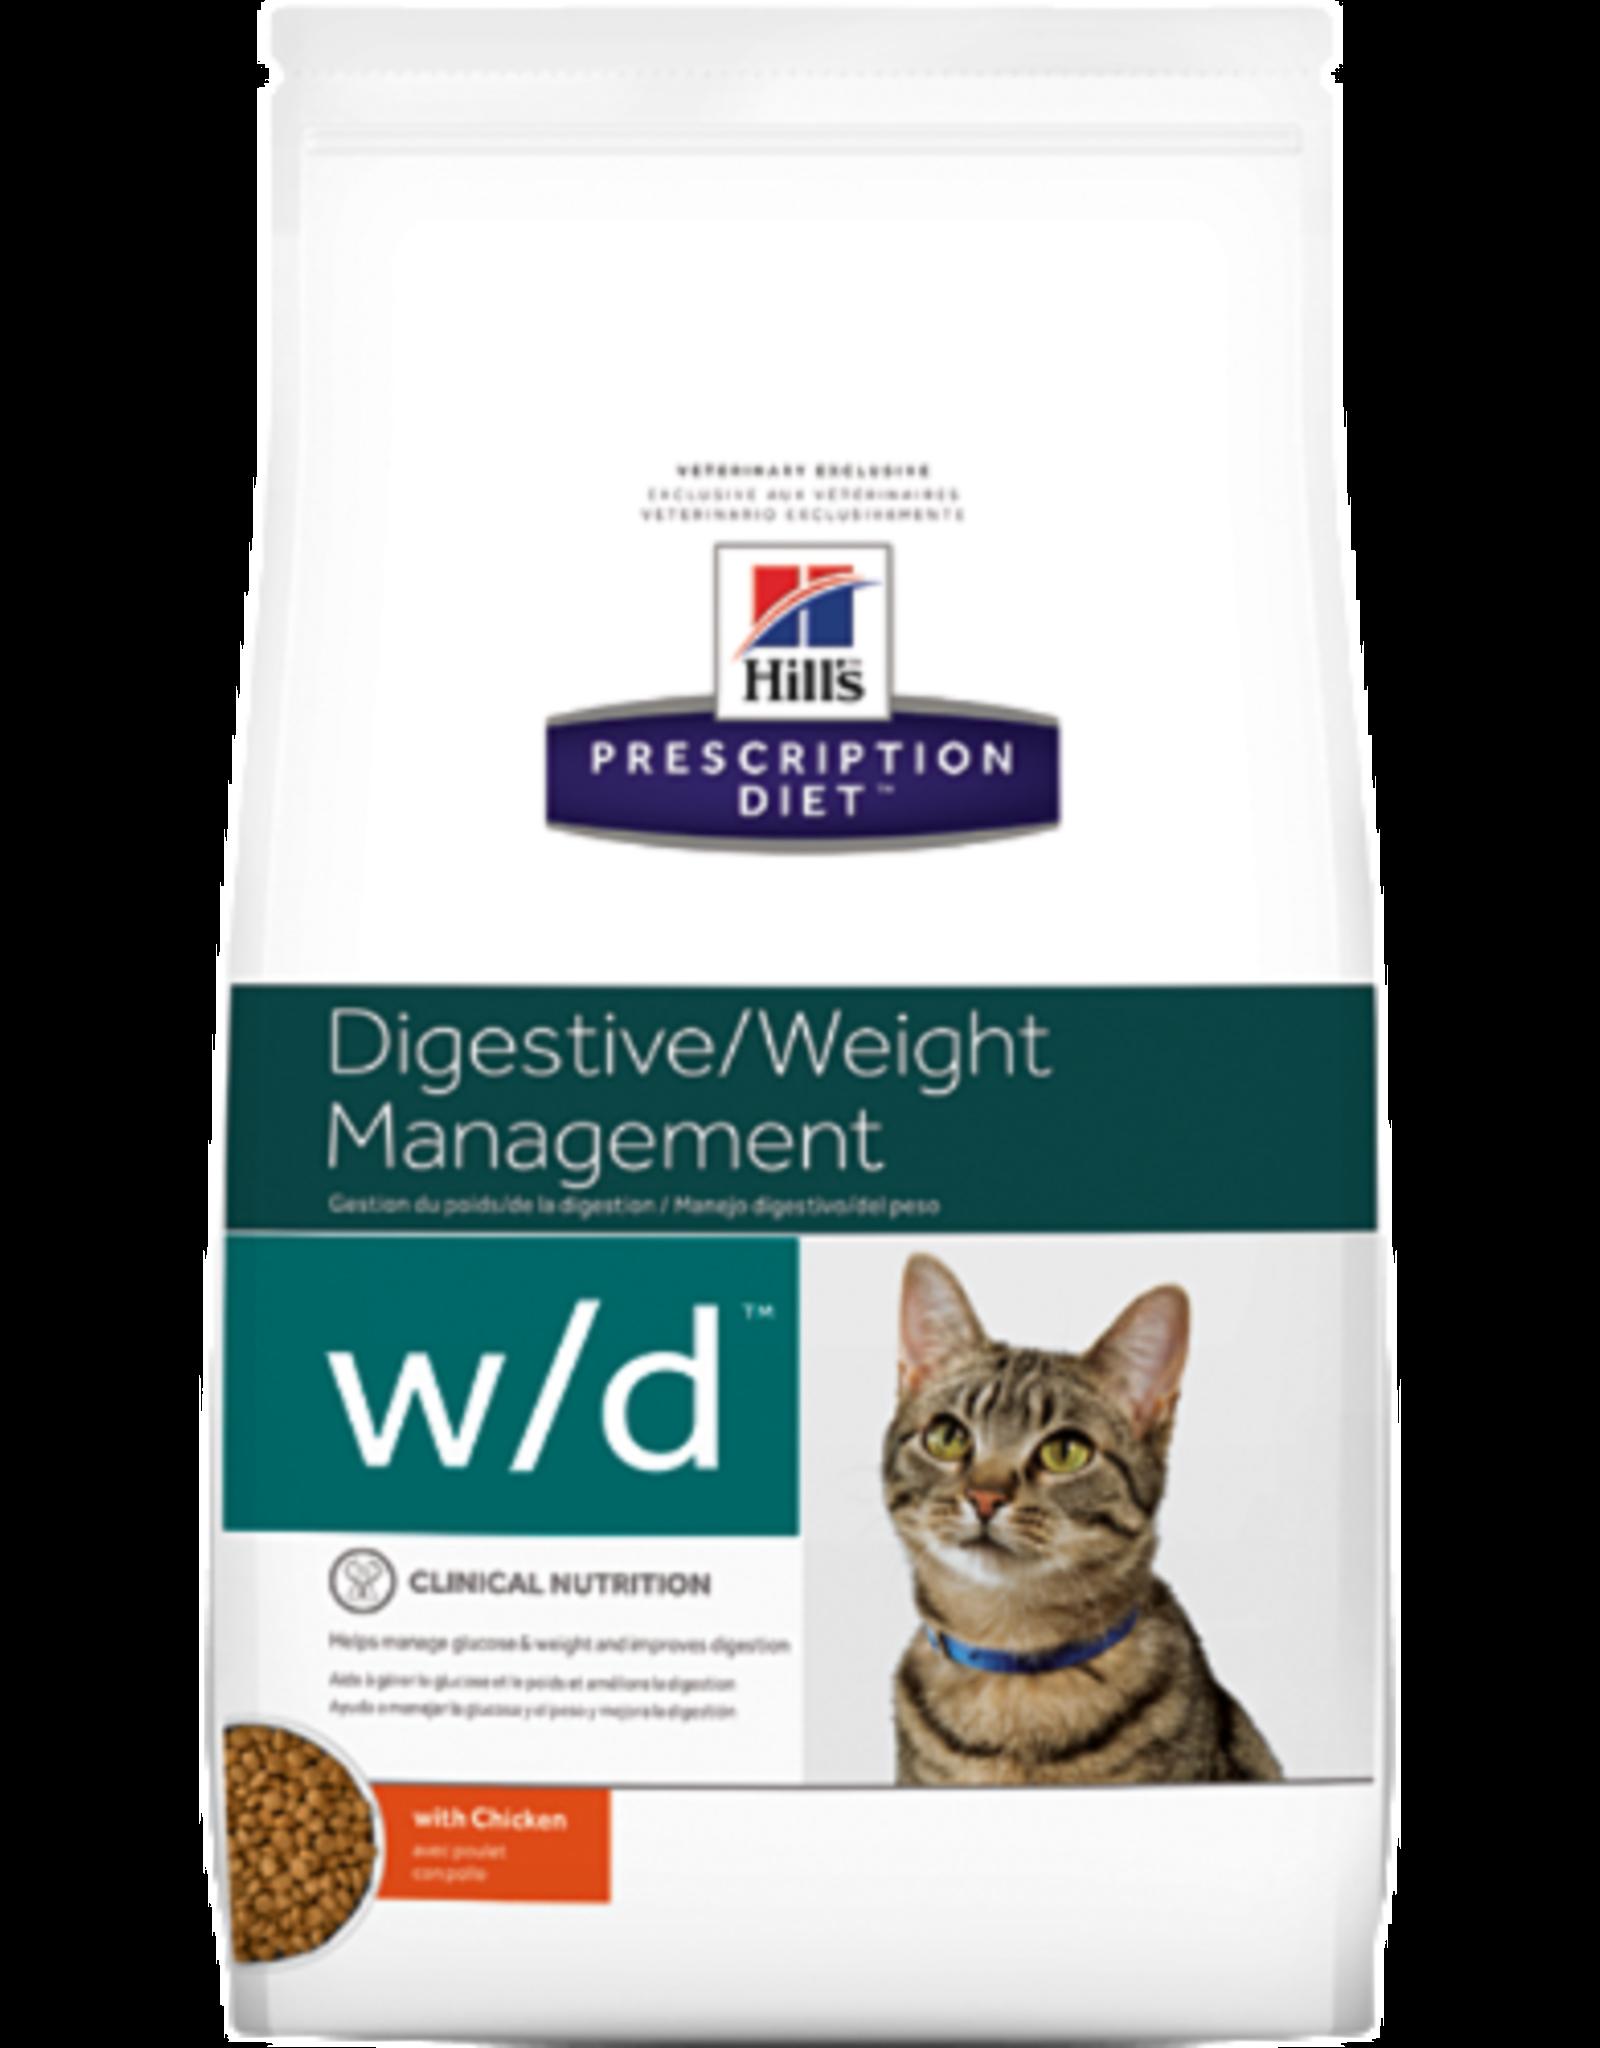 Hill's Hill's Prescription Diet W/d Kat 5 Kg